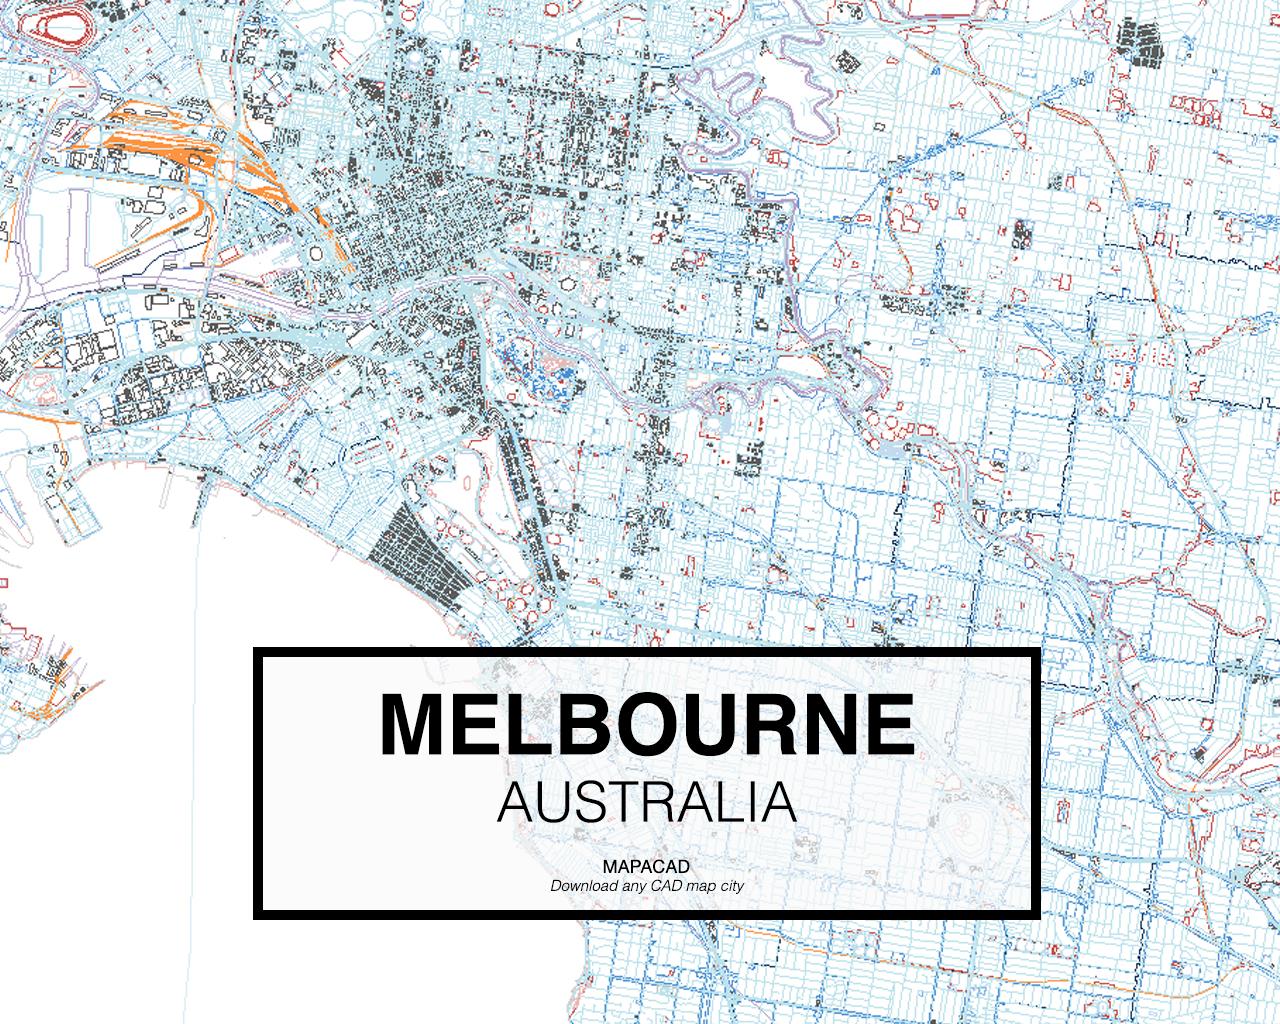 Melbourne Australia City Map.Download Melbourne Dwg Mapacad